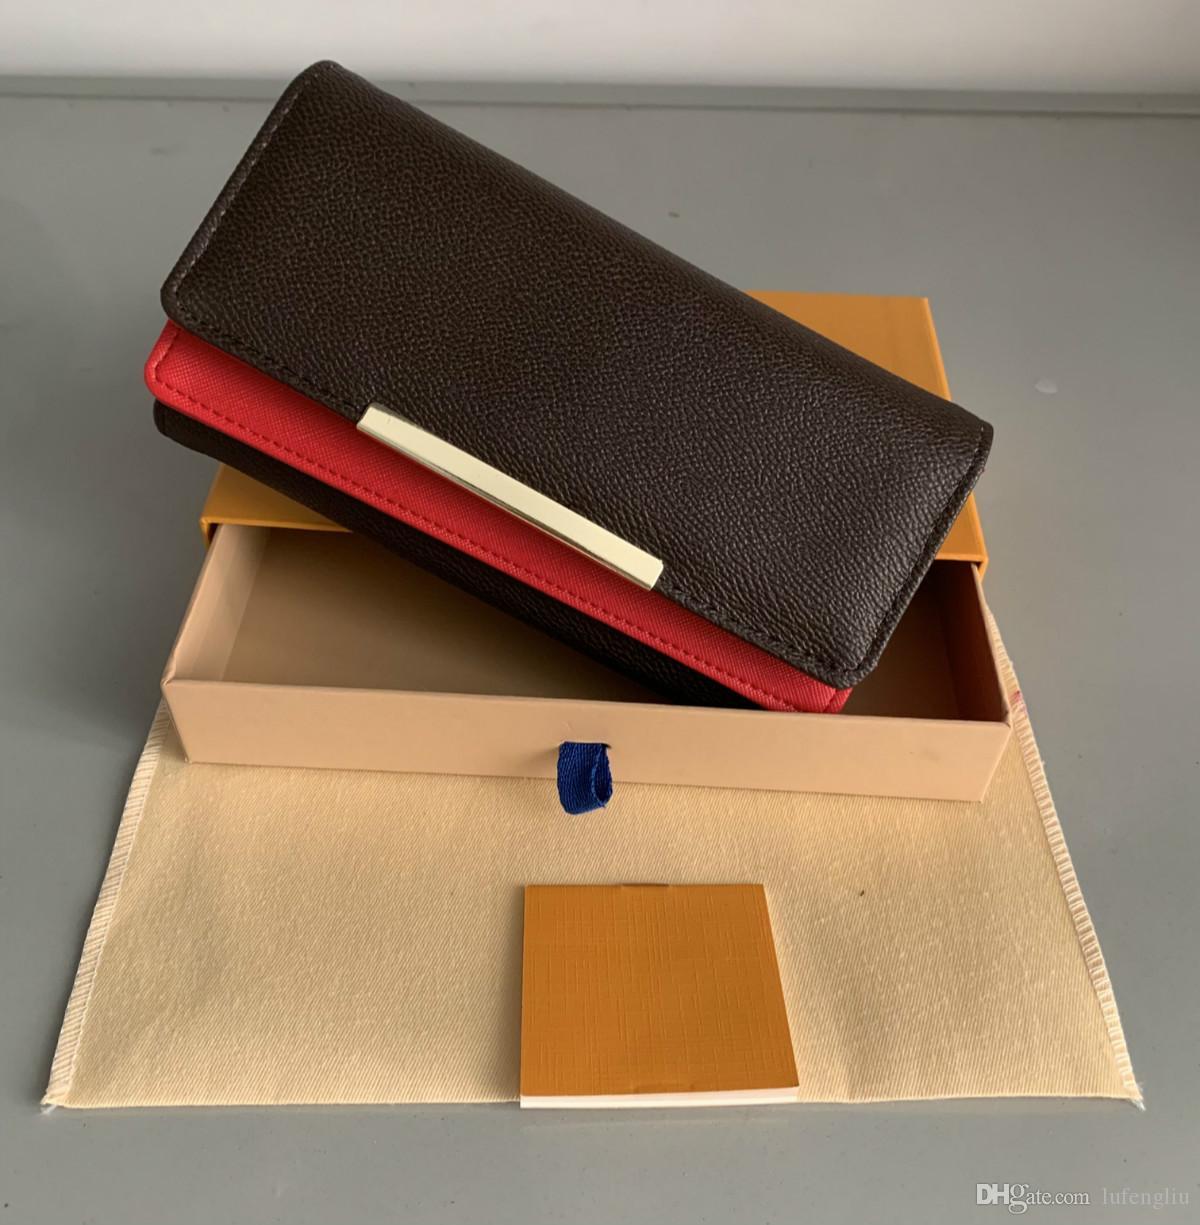 shpping مجانا بالجملة قيعان الحمراء مصمم سيدة طويلة محفظة متعدد الألوان عملة محفظة حامل بطاقة مربع النساء الأصلي الكلاسيكي سحاب جيب